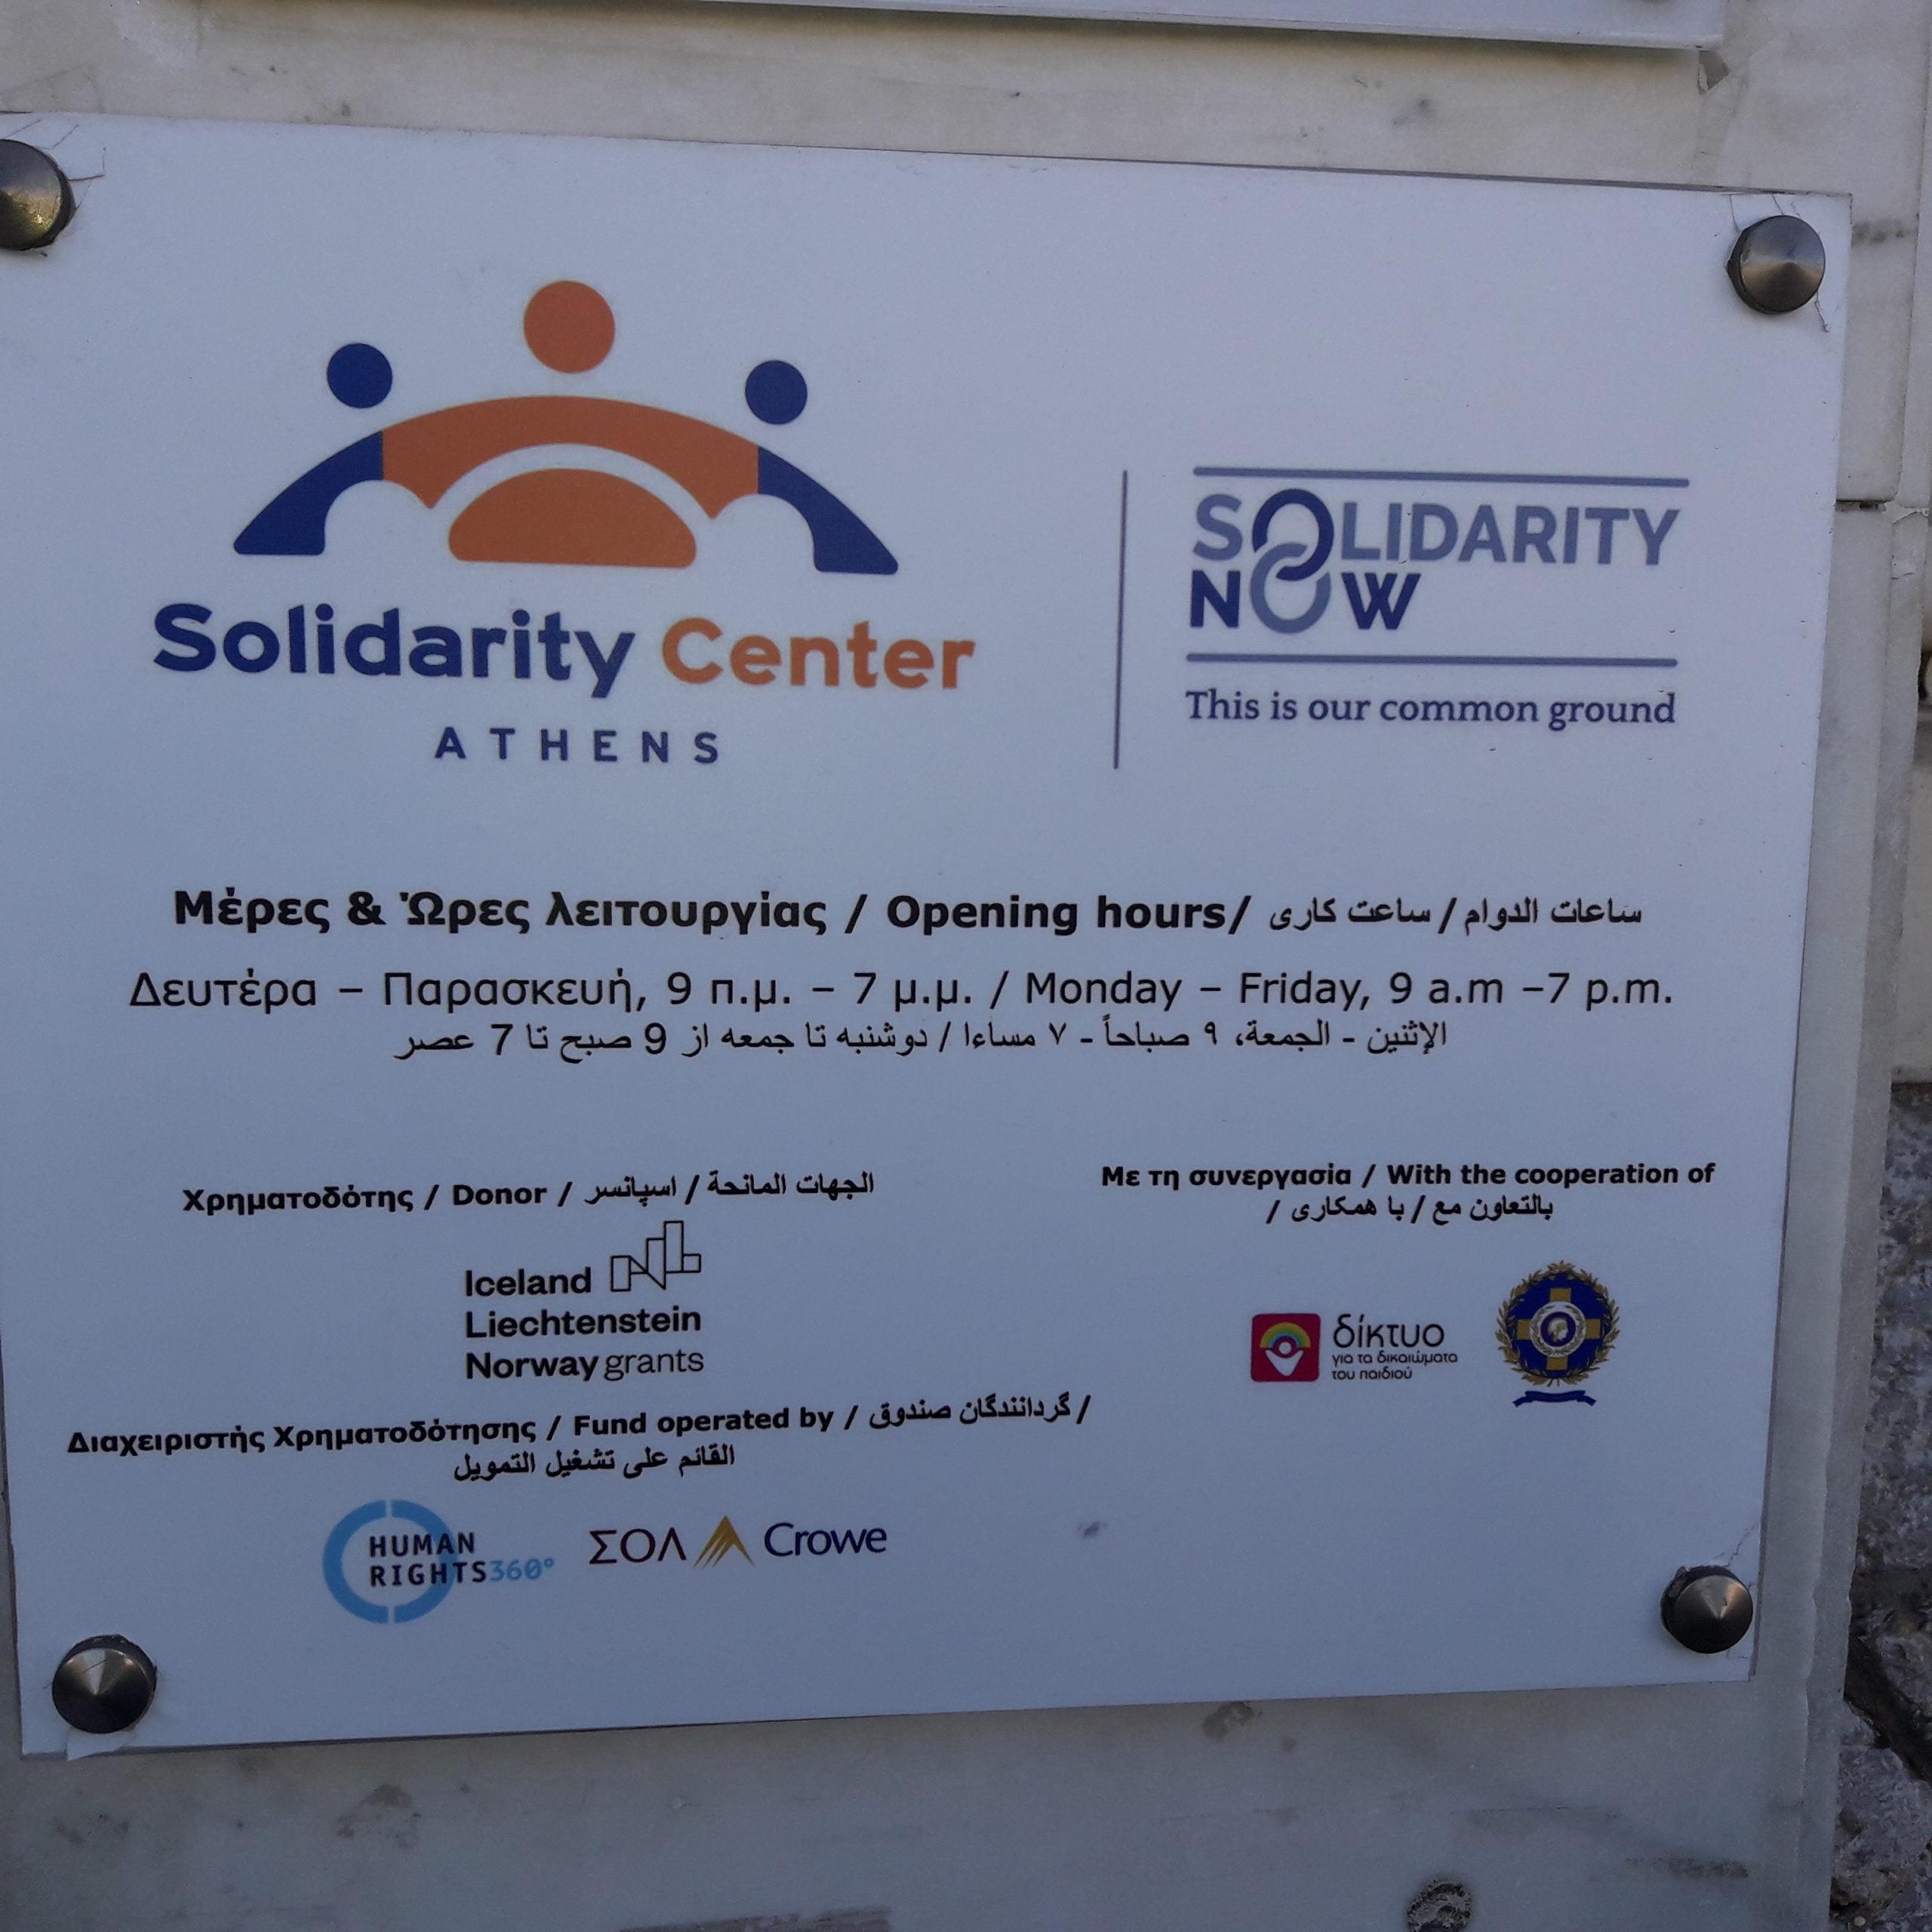 Το Open Society του Σόρος, μια οργάνωση που λειτουργεί ως υπερκράτος στην Ελλάδα, κρύφτηκε!